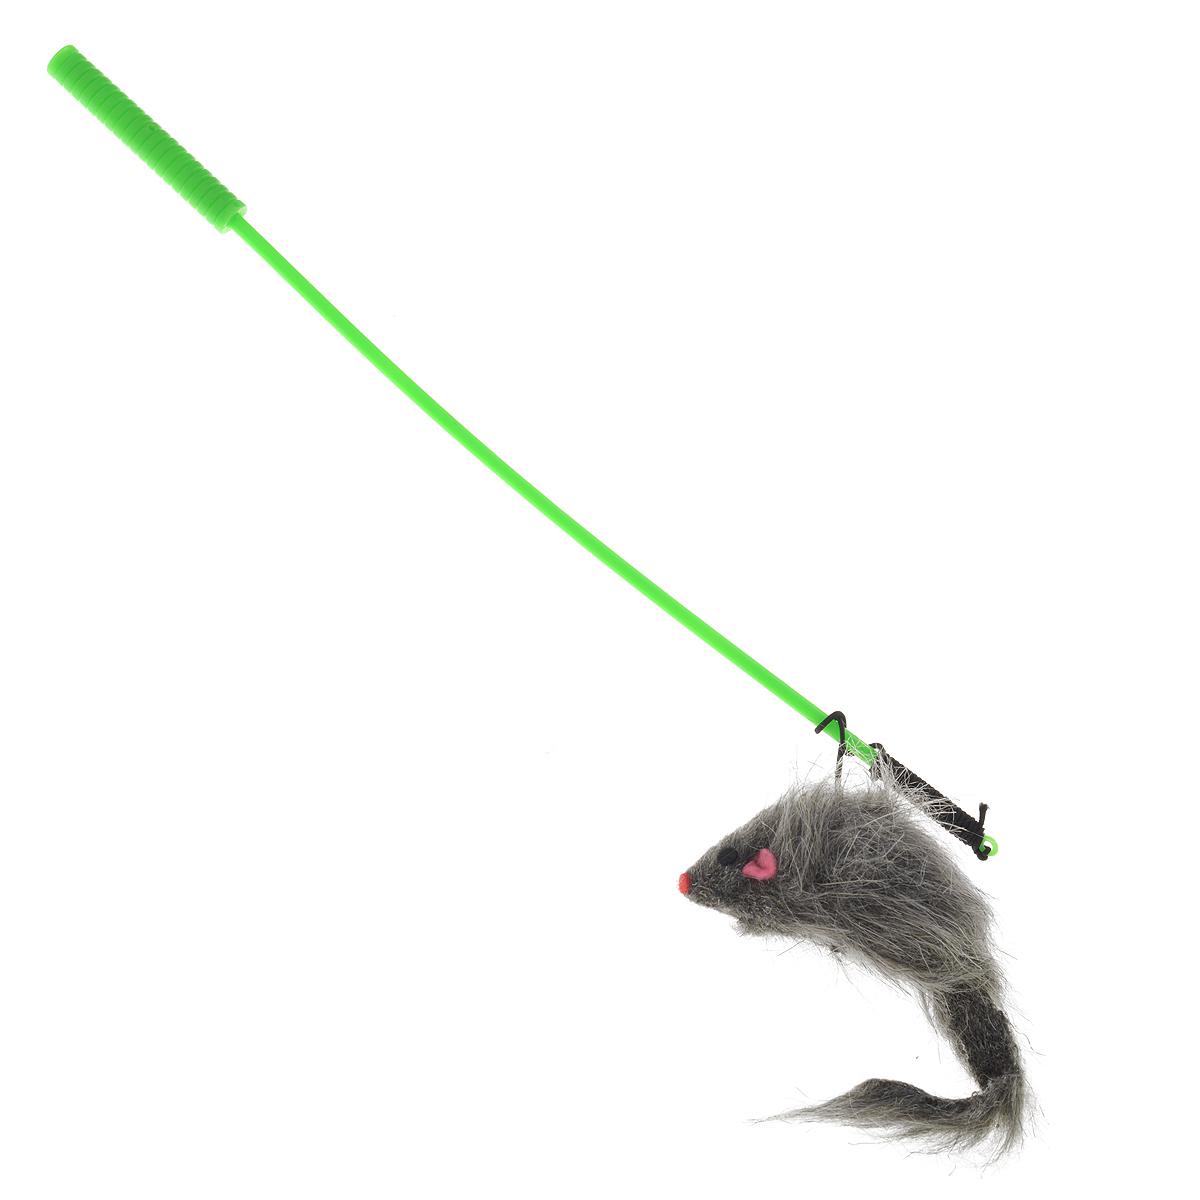 Игрушка для кошек V.I.Pet Дразнилка-удочка с мышью, цвет: серый, зеленый игрушка для кошек 1 лабиринт с двумя мячиками и дразнилкой цвет серый 28 x 5 x 28 см